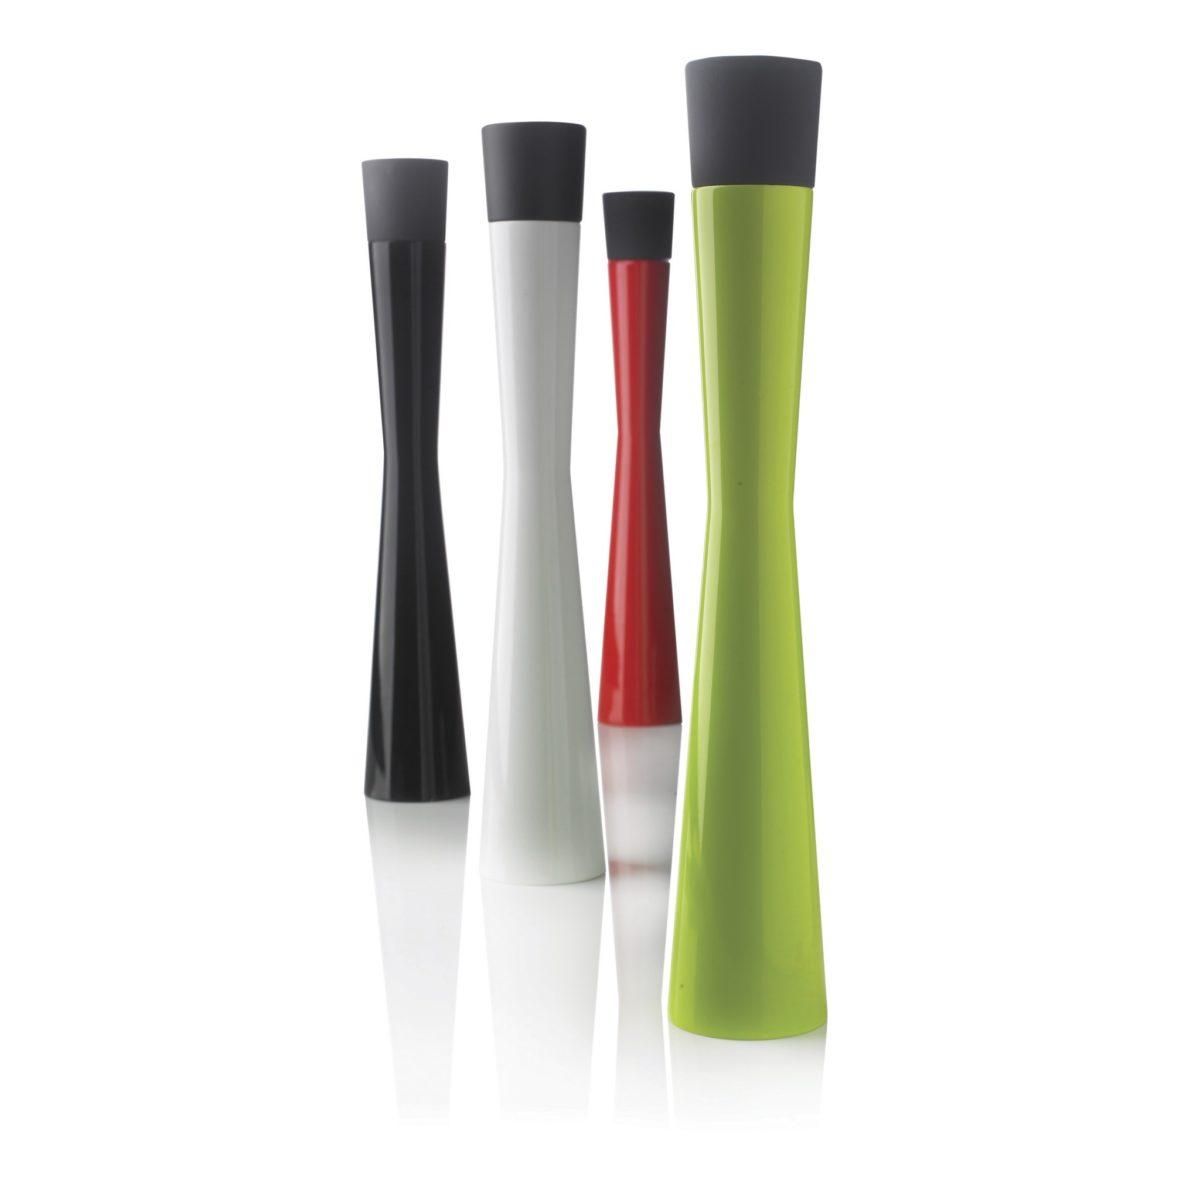 xd-design-mlinac-za-papar-29500-kn